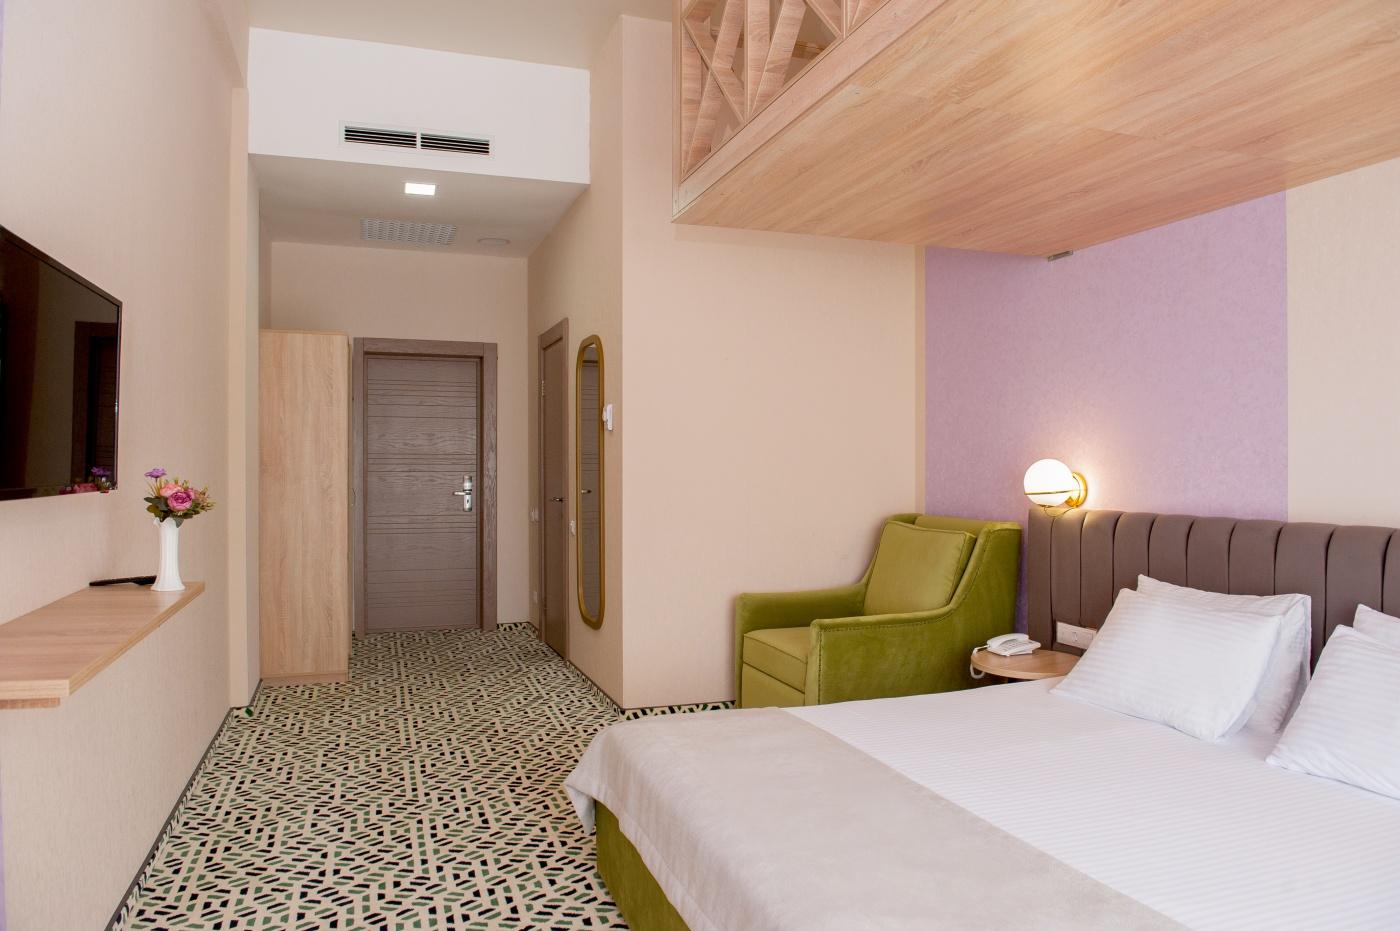 Отель «Aurum Family Resort & Spa» Краснодарский край Junior suite 2-местный , фото 2